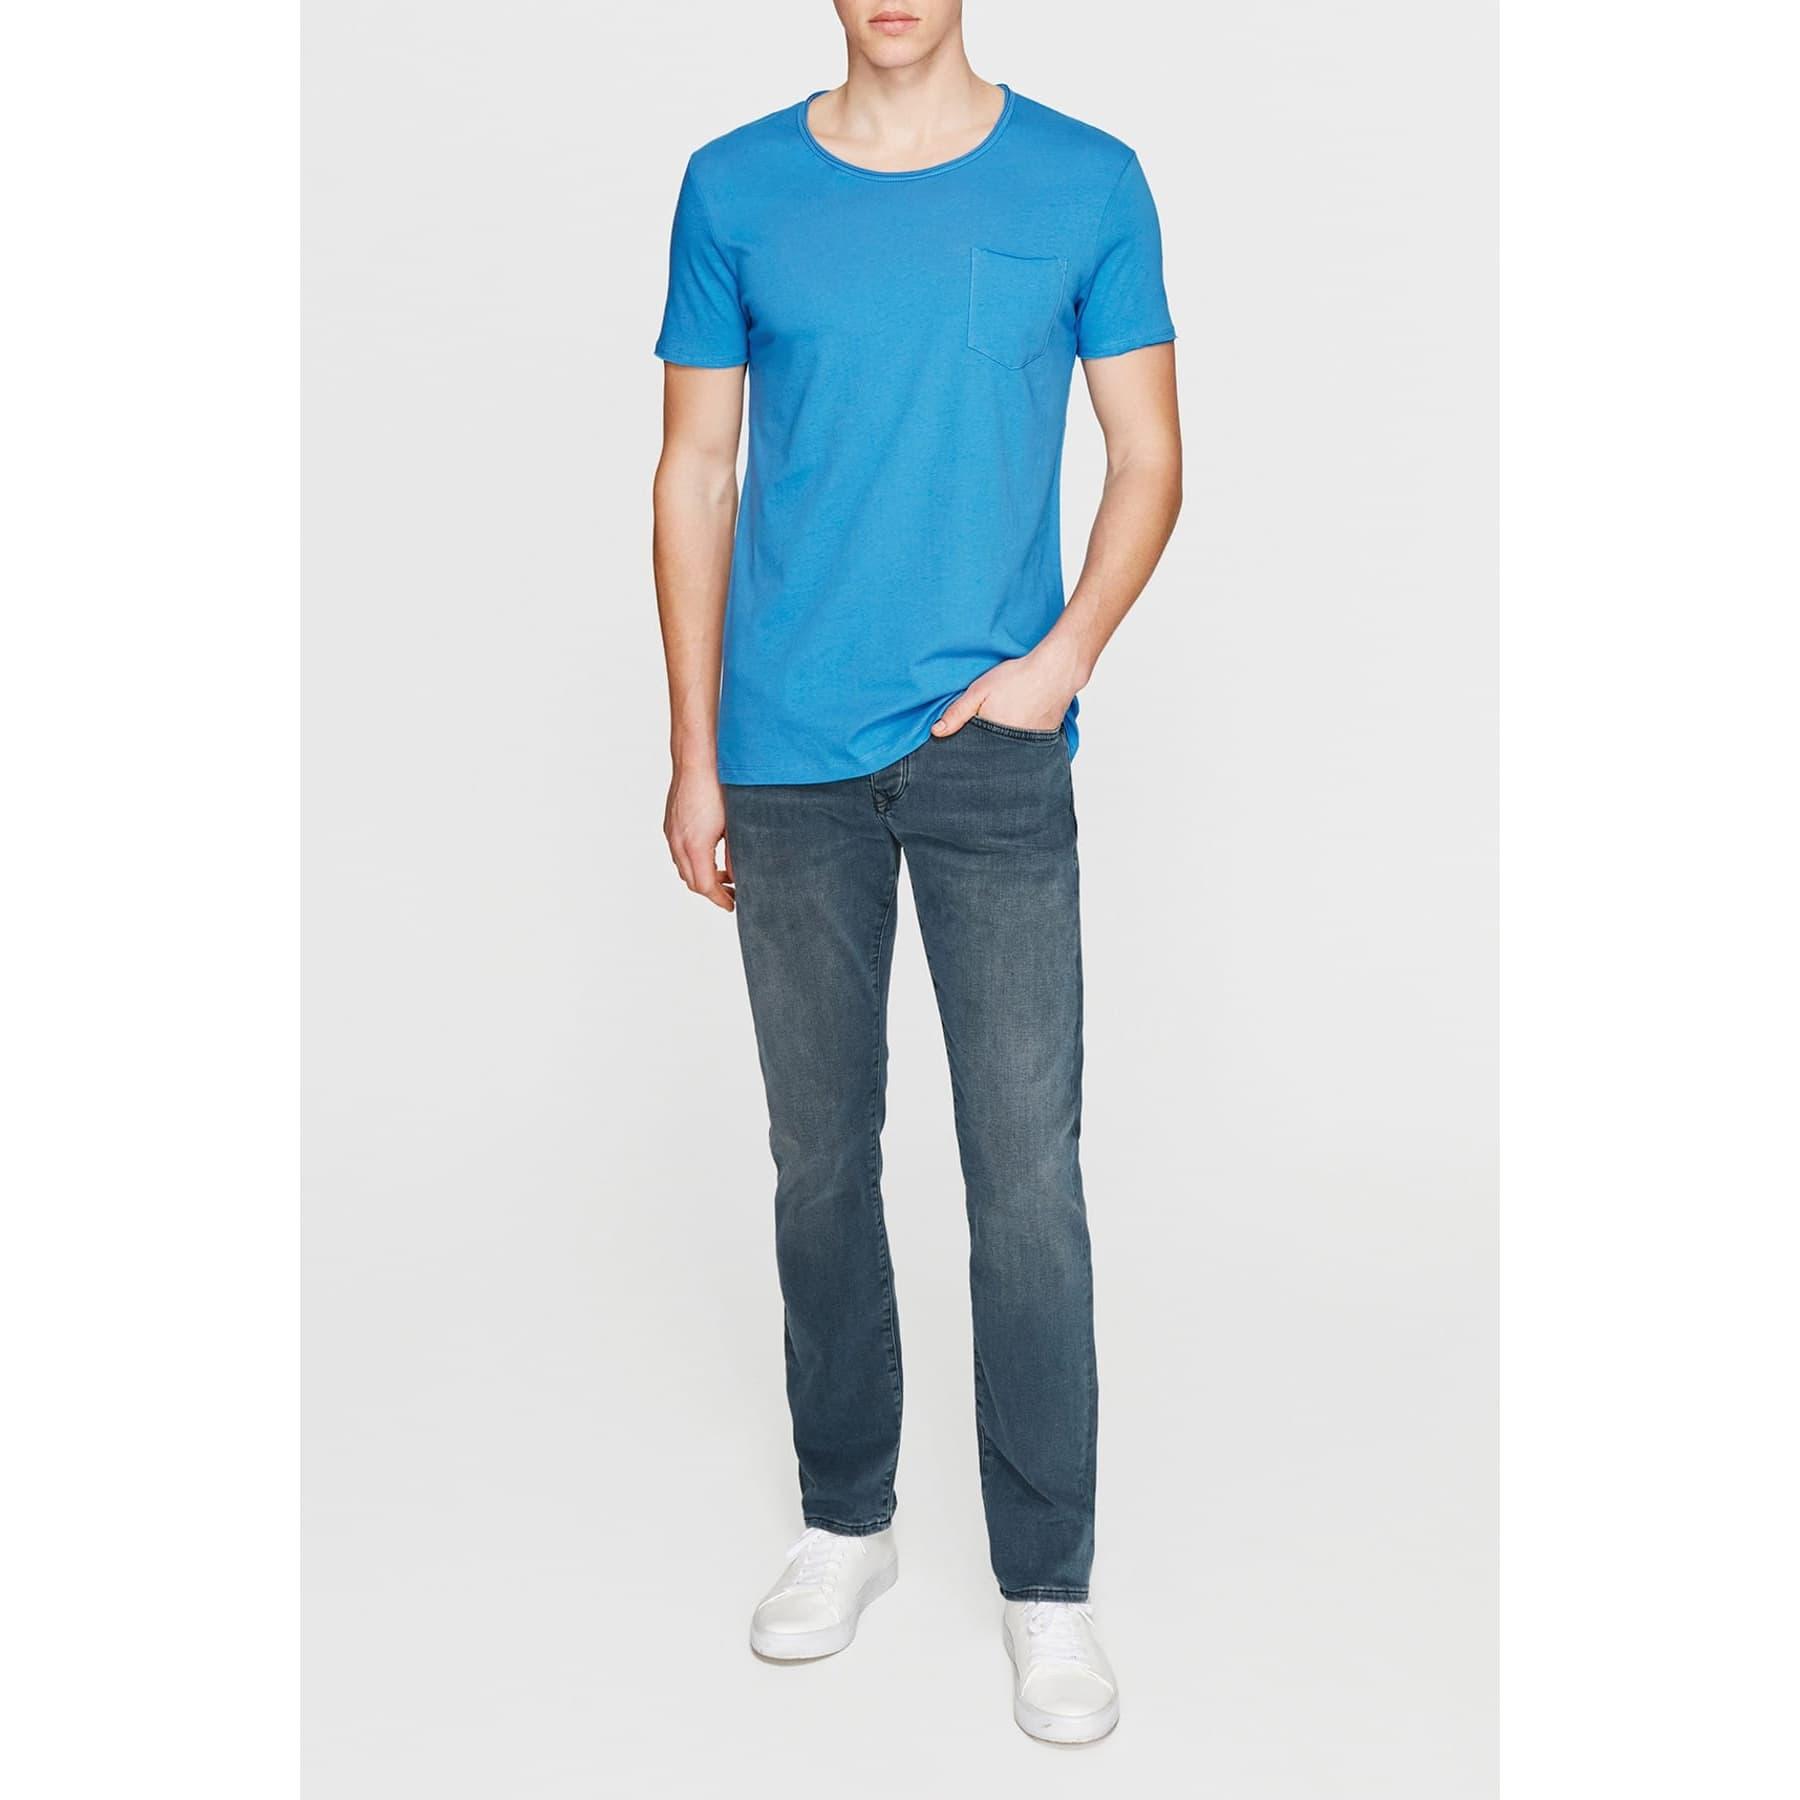 Mavi Erkek Soluk Saks Mavisi Basic Tişört